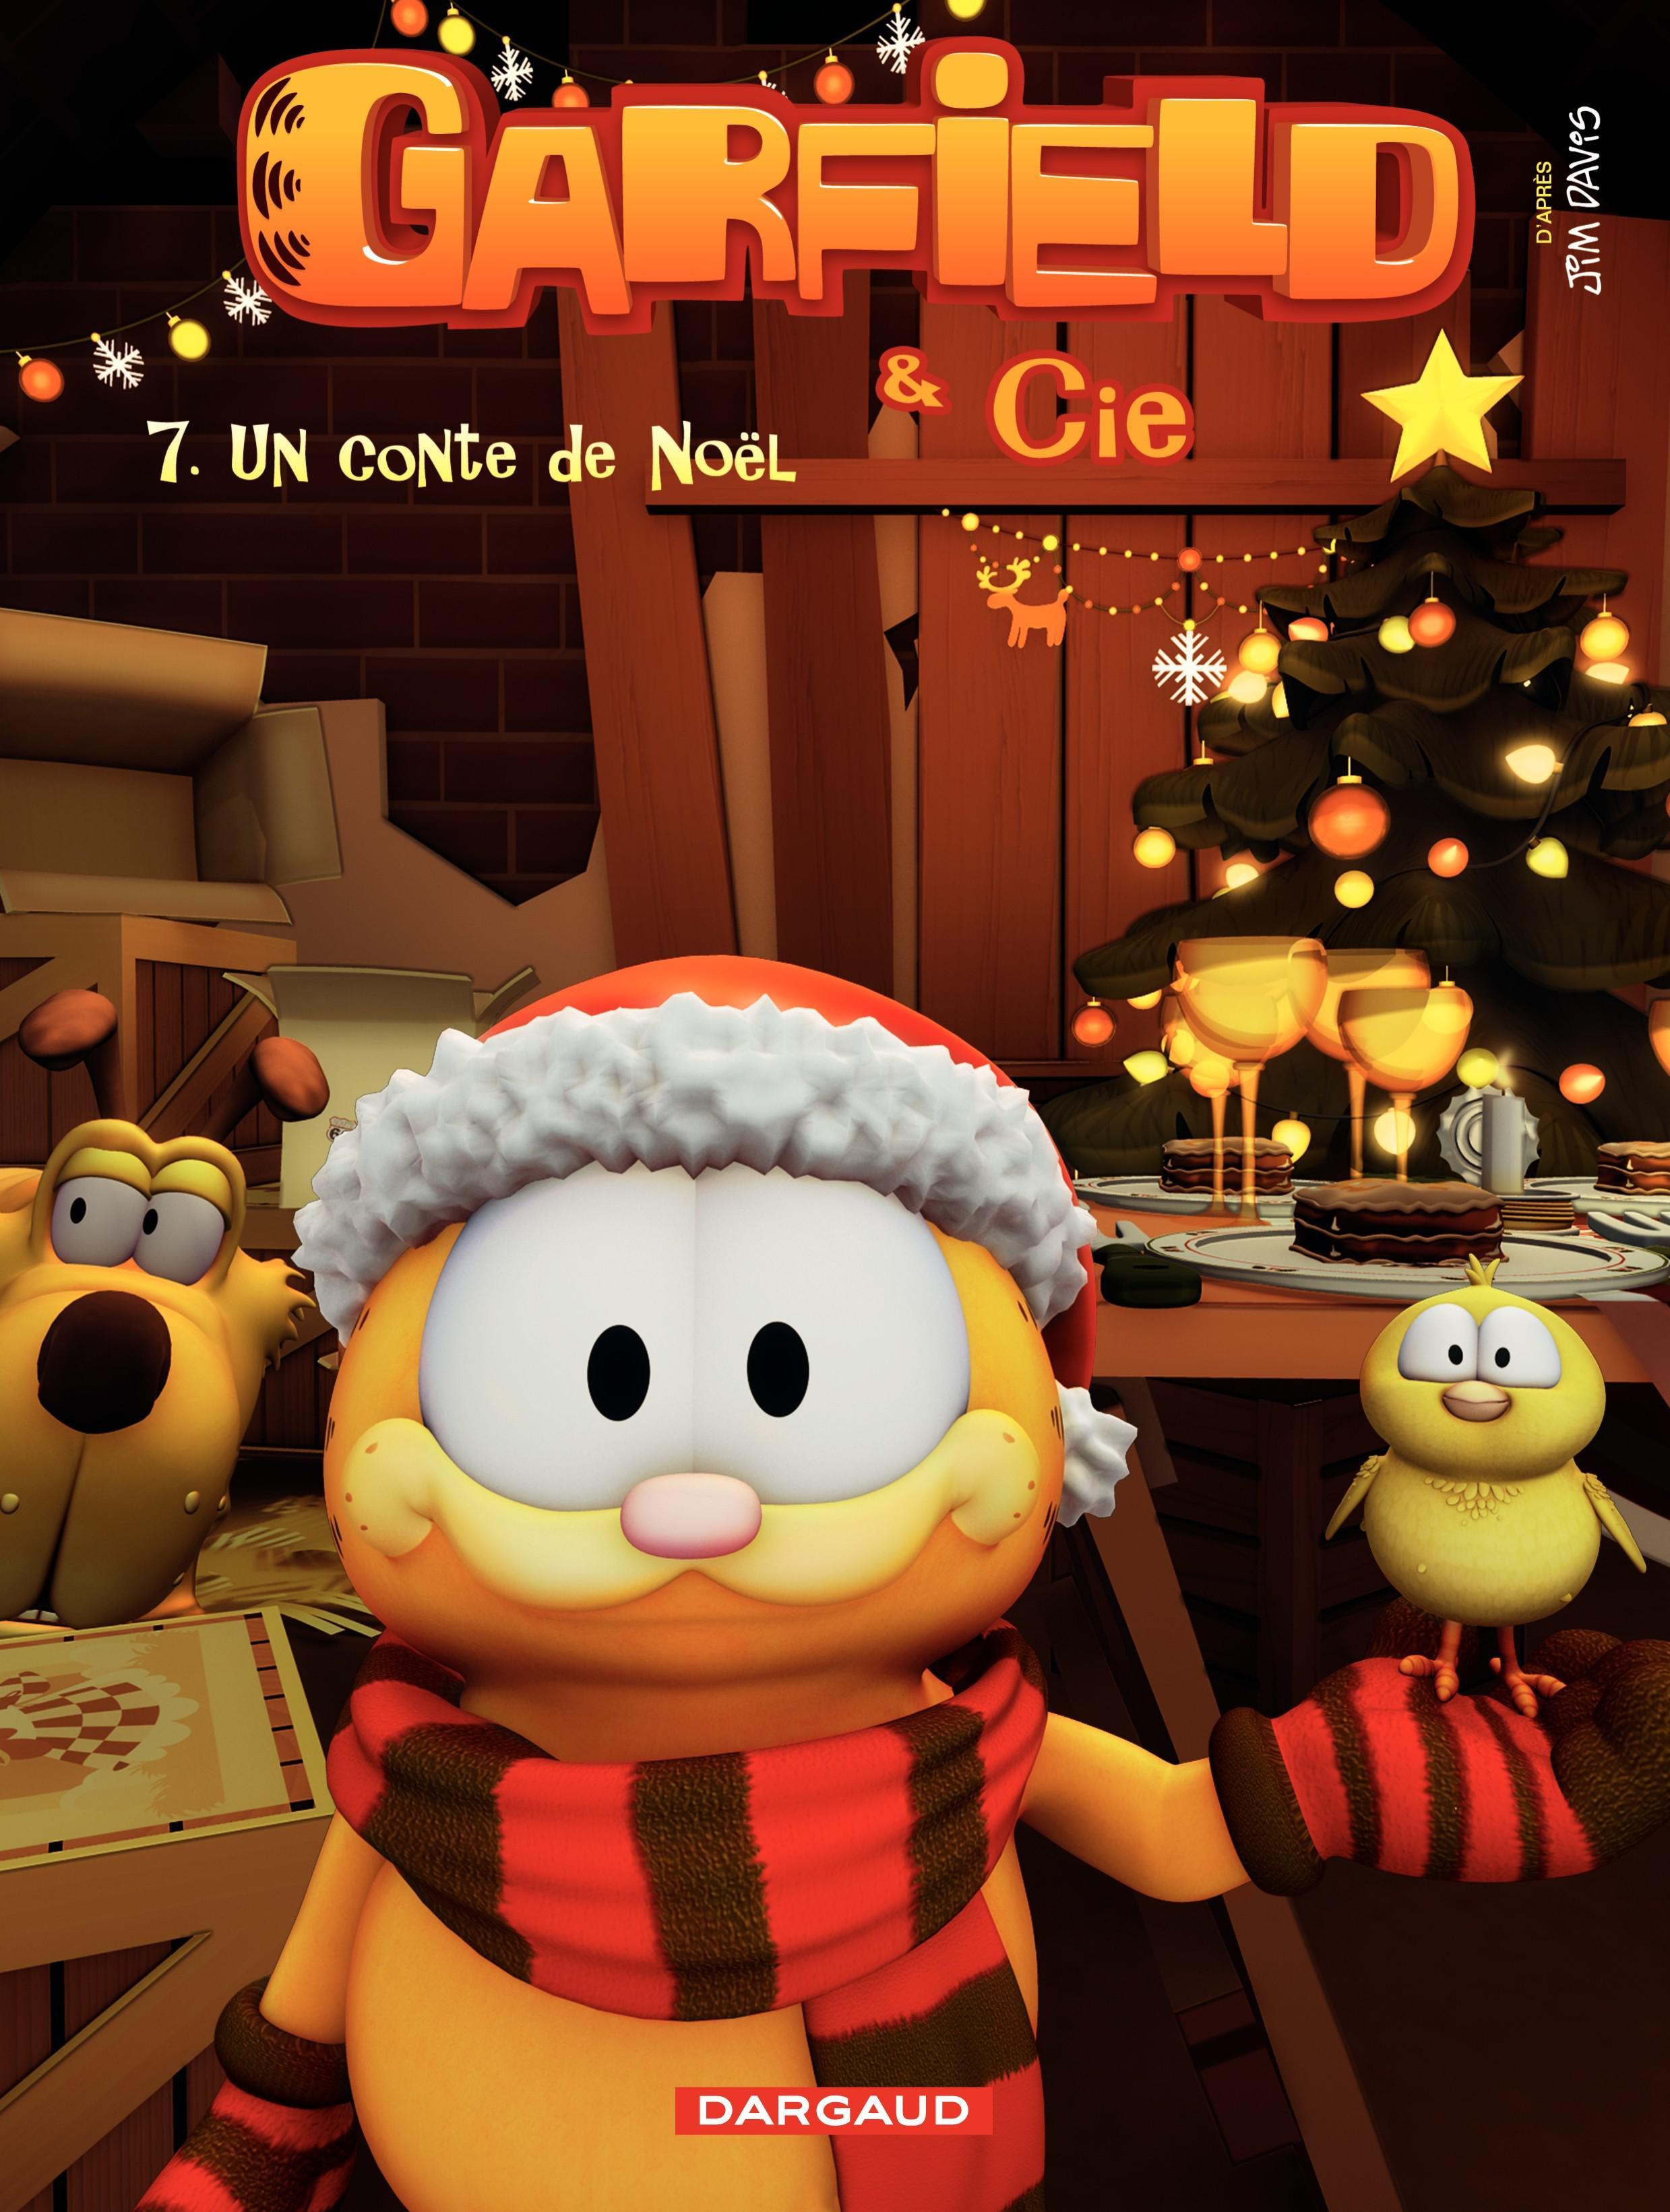 Garfield et Cie - Tome 7 - Un conte de Noël (7)